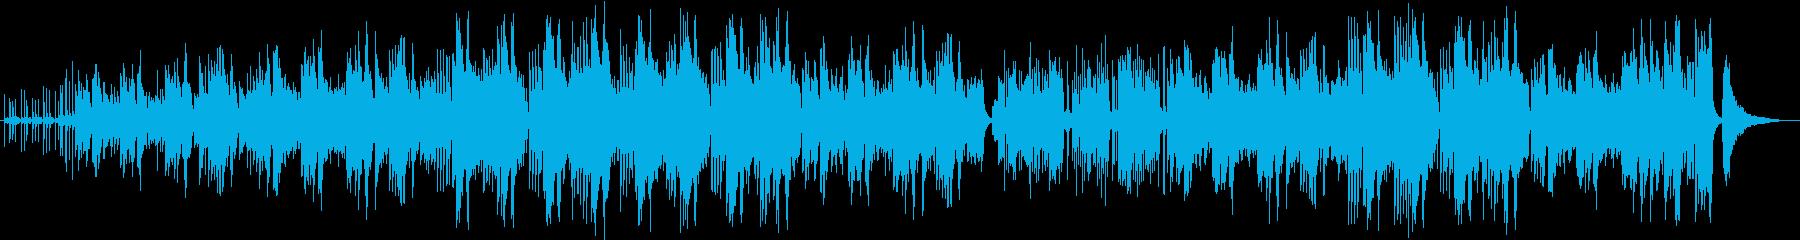 ラテンのリズムでpf、ギターなどがメインの再生済みの波形